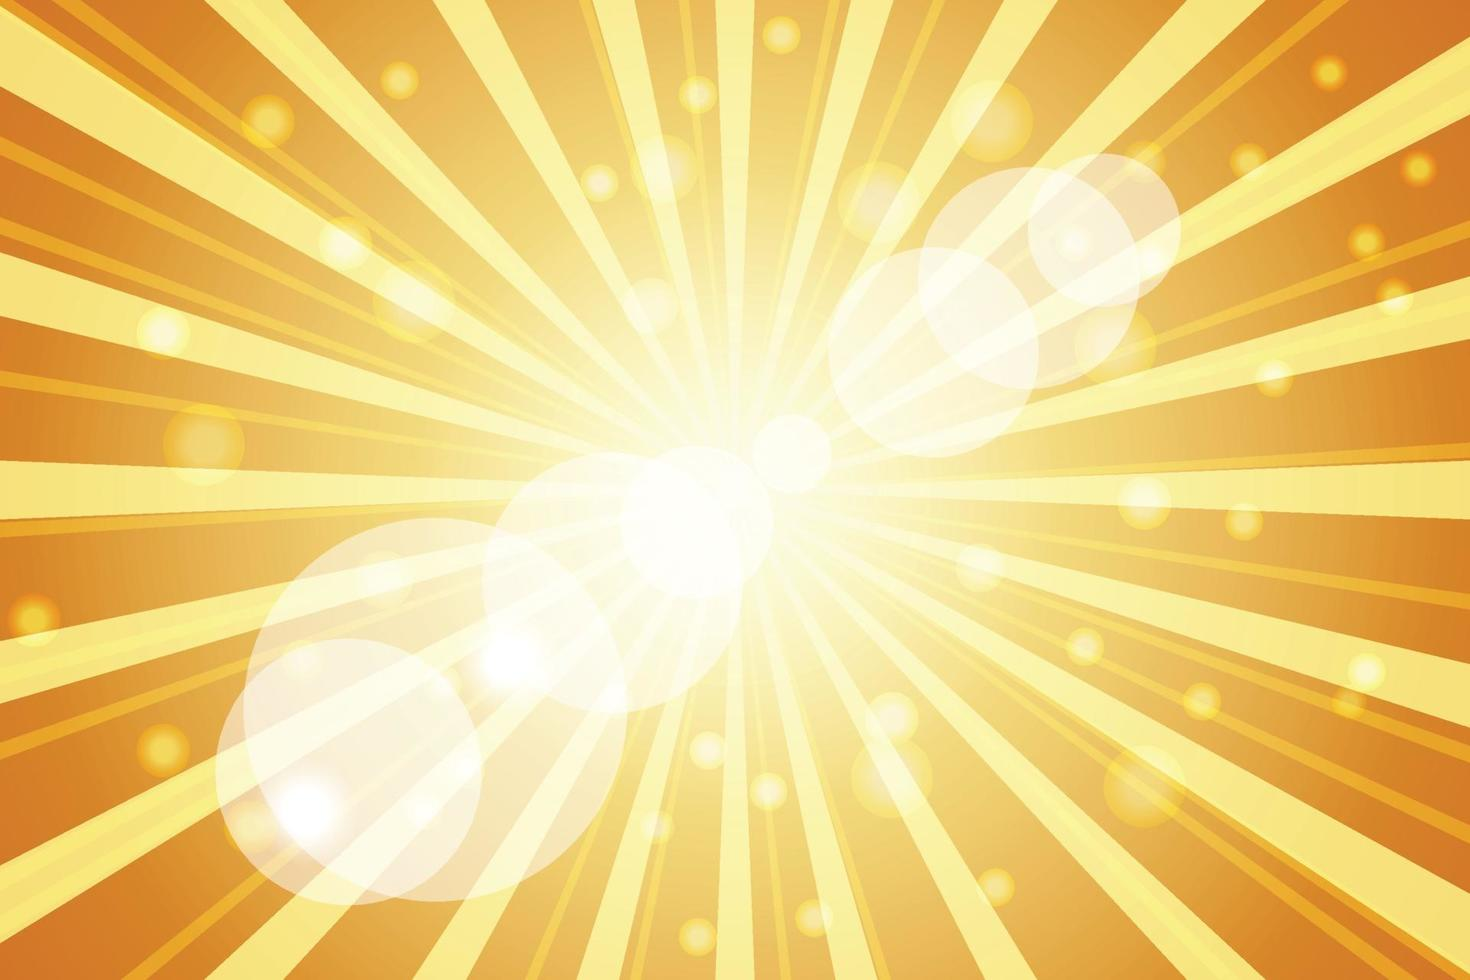 illustration av sunburst ray på orange bakgrund vektor